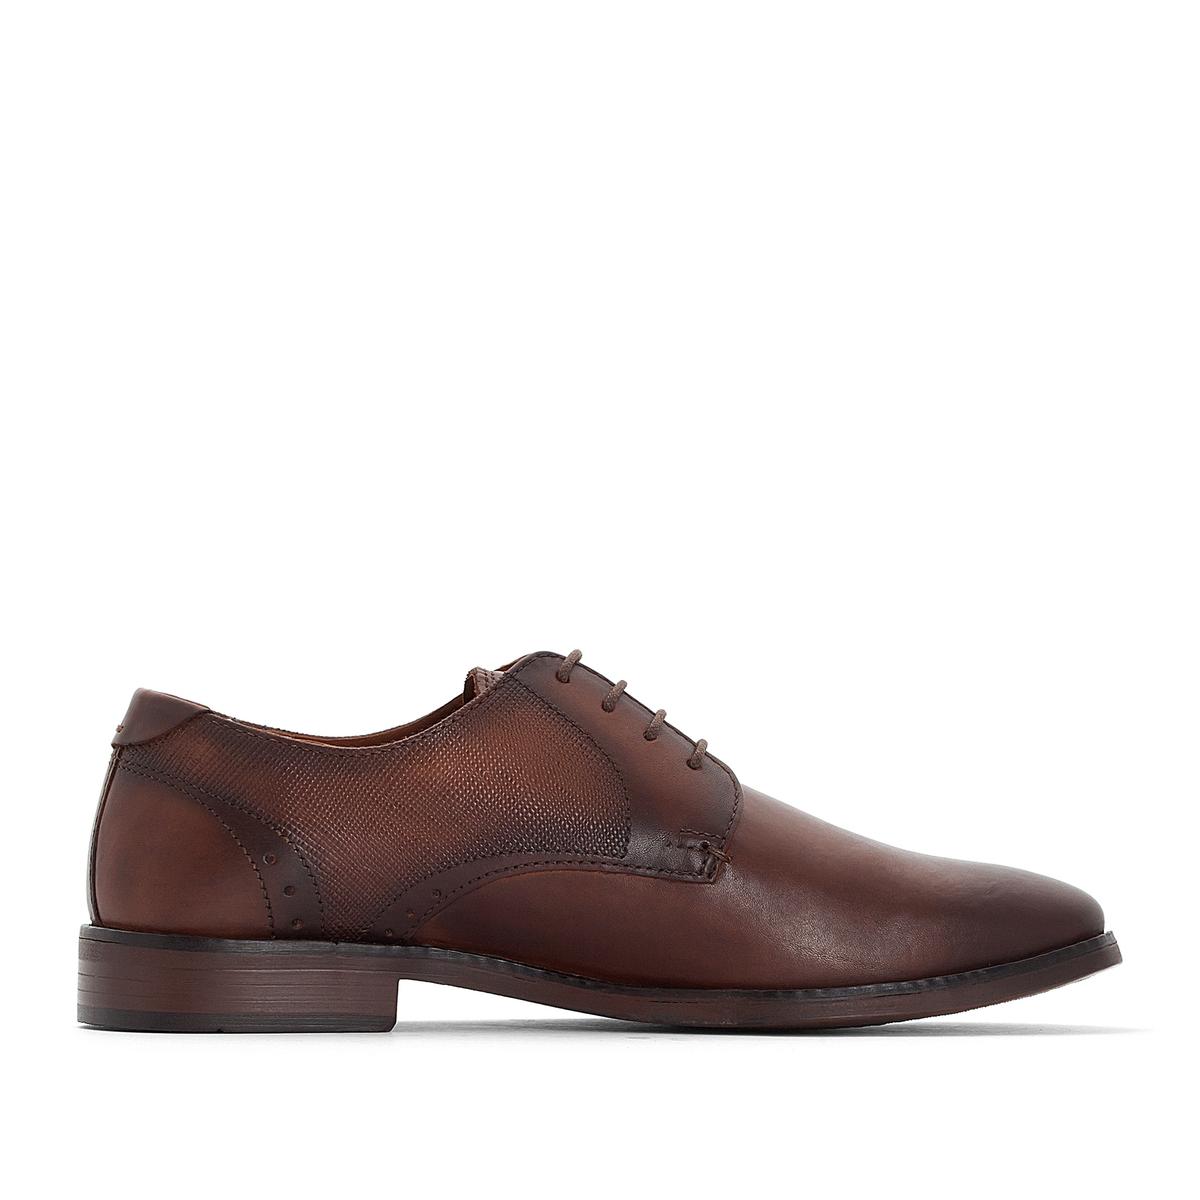 Ботинки-дерби кожаные ZALMA ботинки дерби кожаные